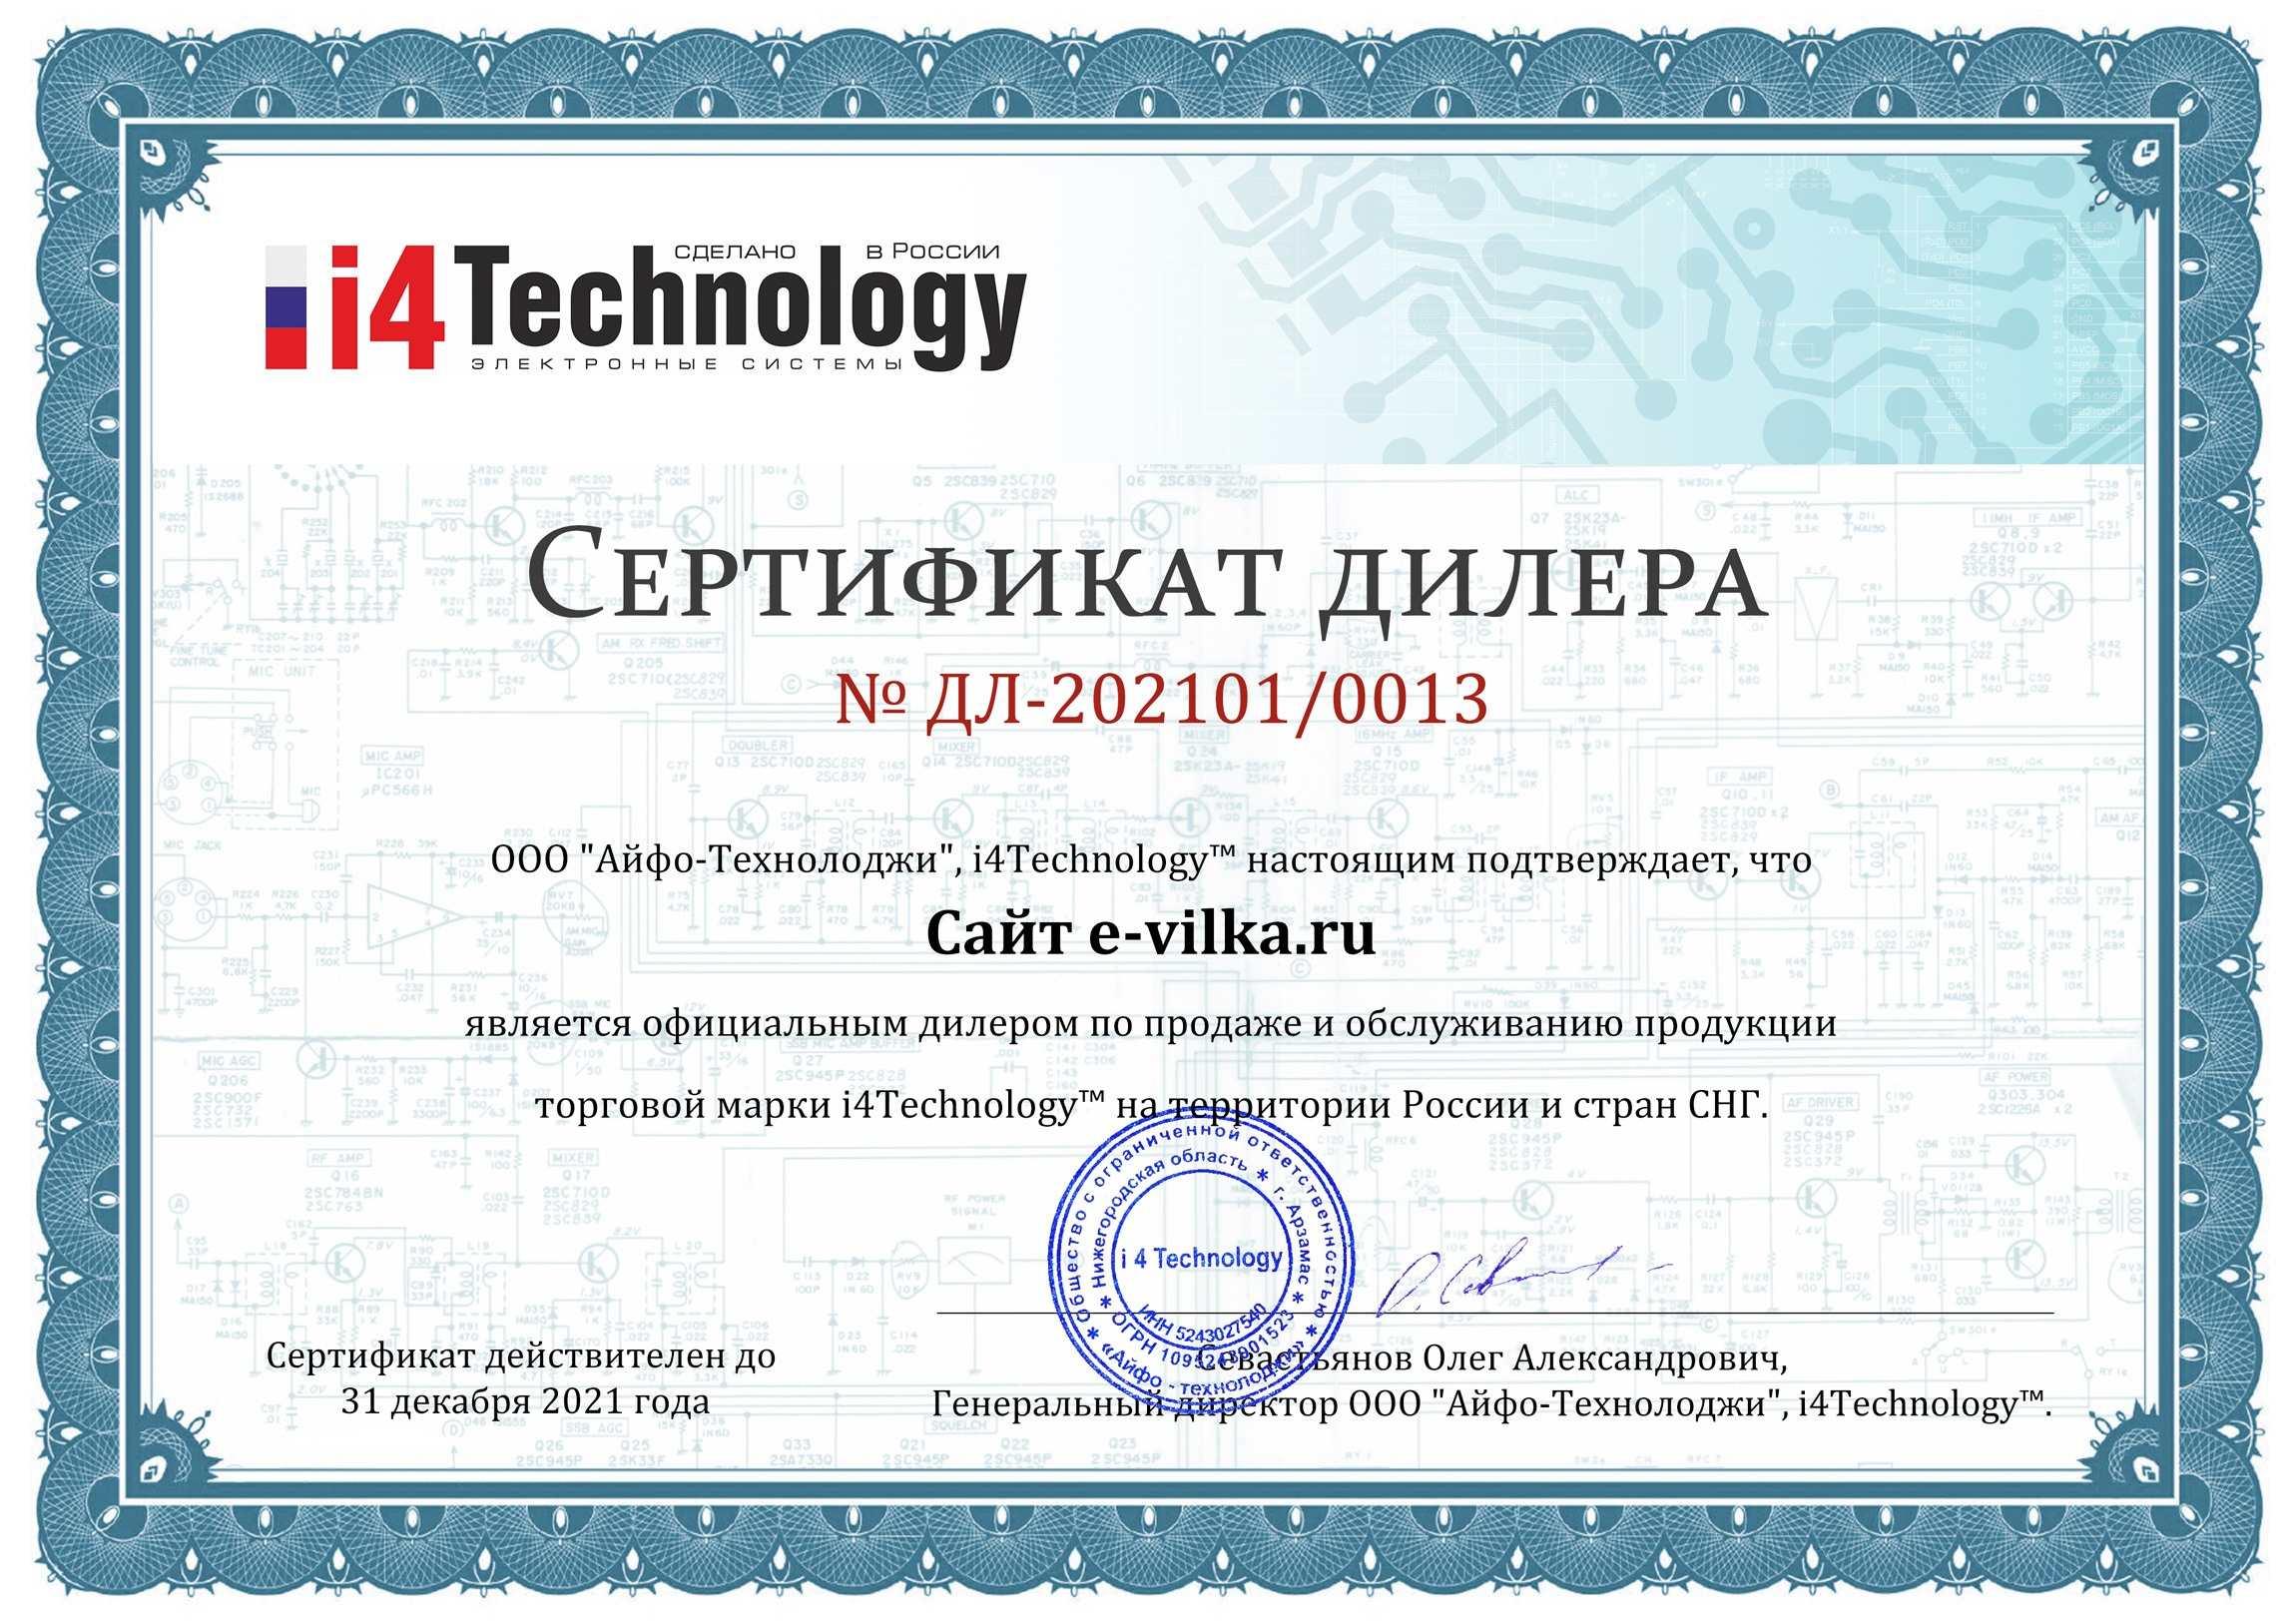 """Наш сайт является официальным дилером продукции компании """"i4Technology"""""""